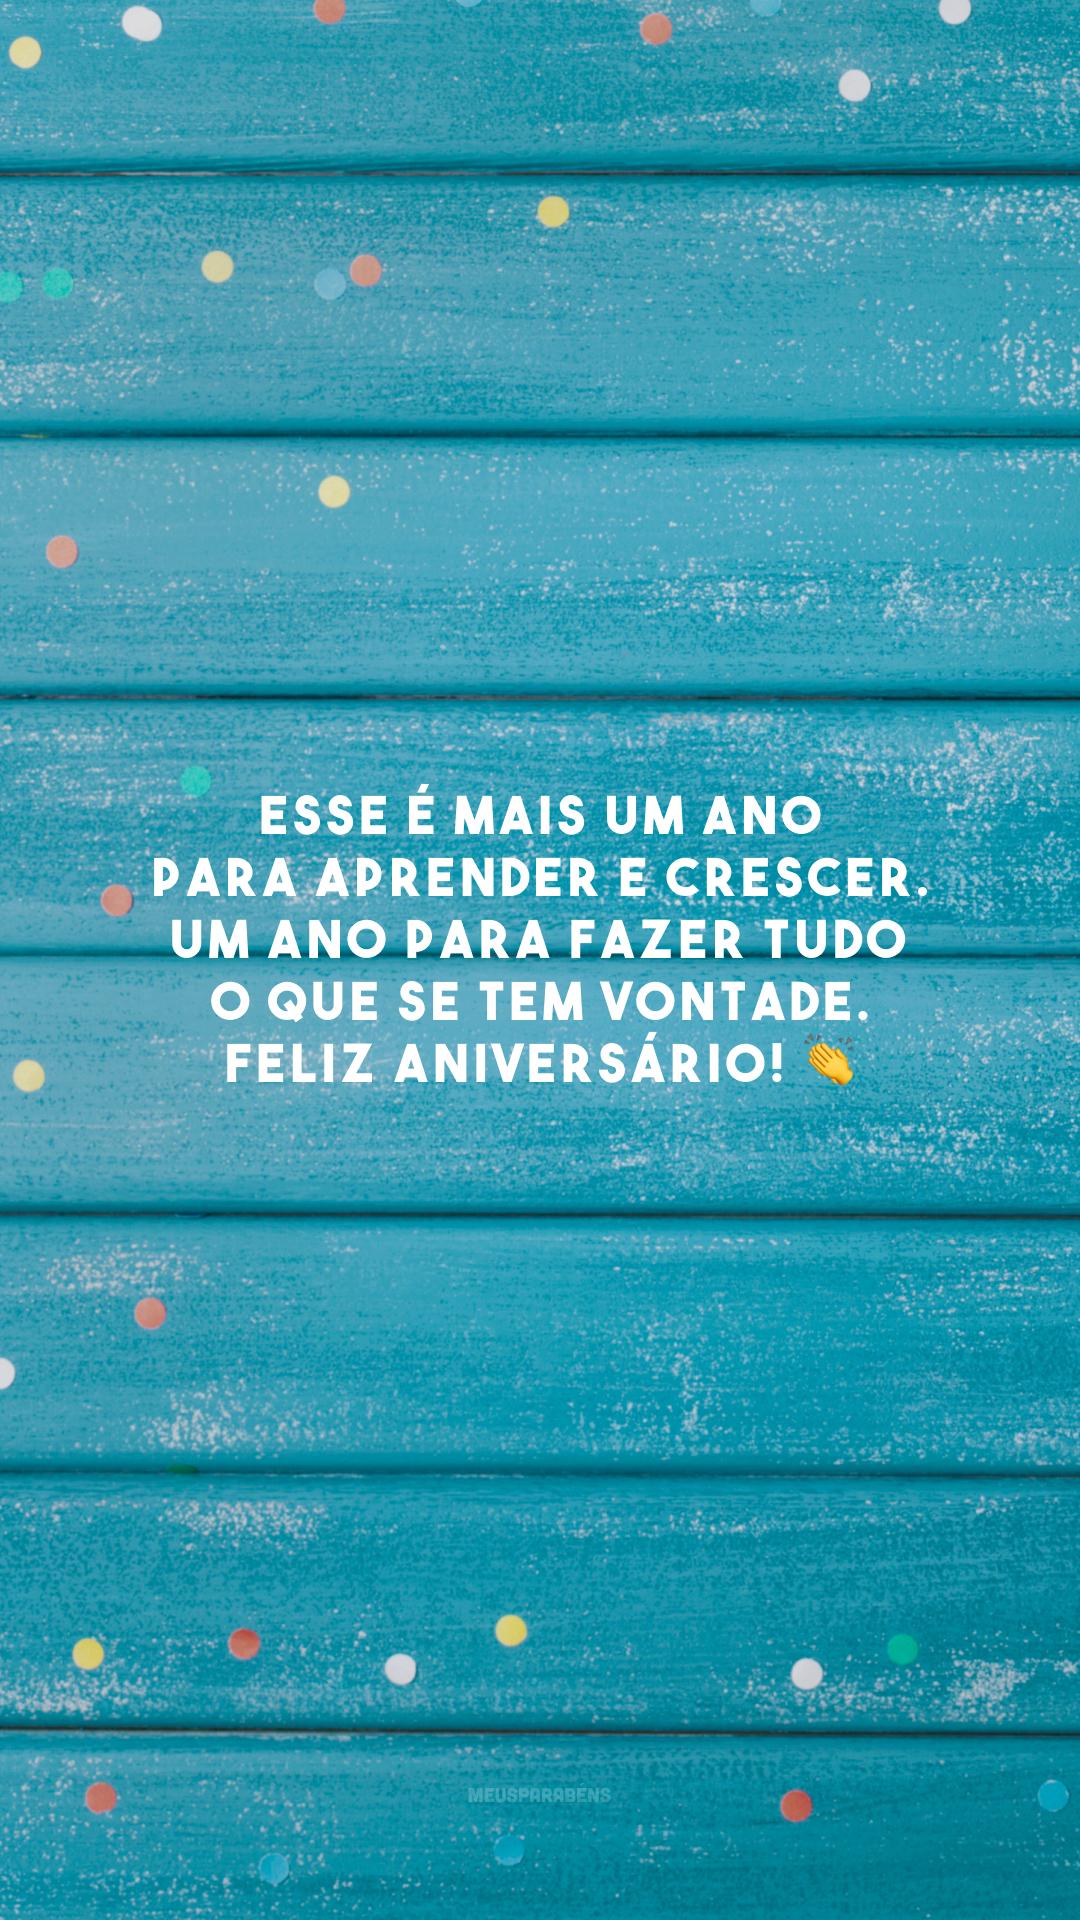 Esse é mais um ano para aprender e crescer. Um ano para fazer tudo o que se tem vontade. Feliz aniversário! 👏